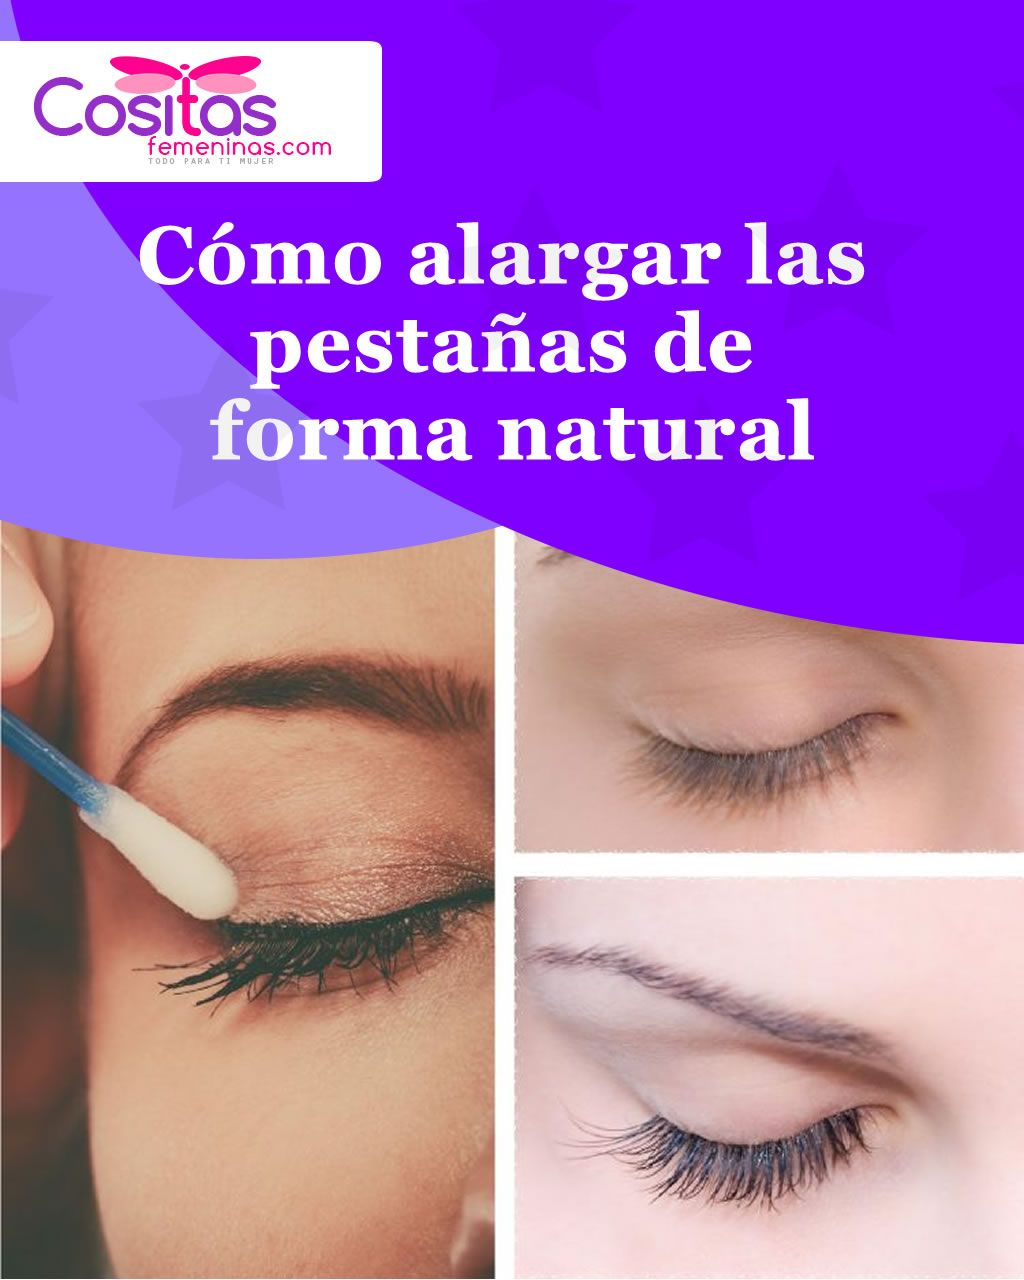 Cómo Alargar Las Pestañas De Forma Natural Pestañas Pestañaslargas Tratamientos Remedios Beauty Skin Care Beauty Hacks Beauty Skin